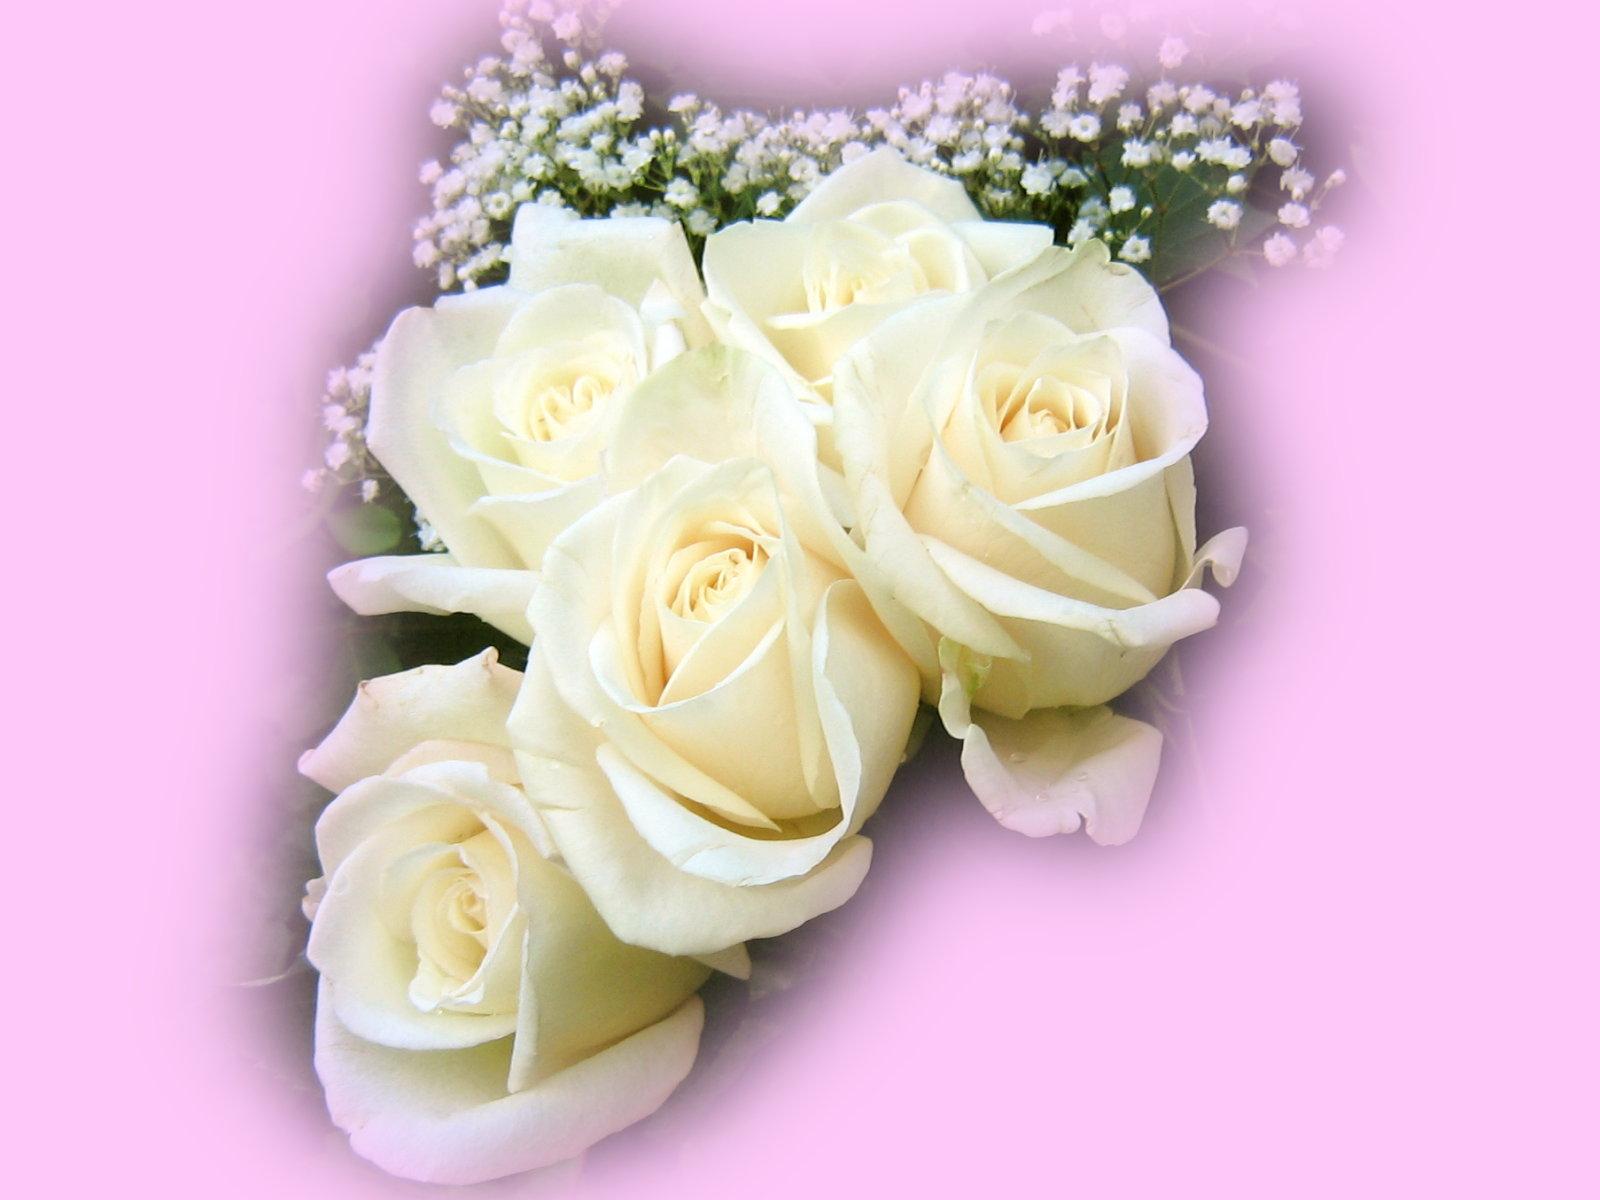 Nice White Rose Flower Wallpaper